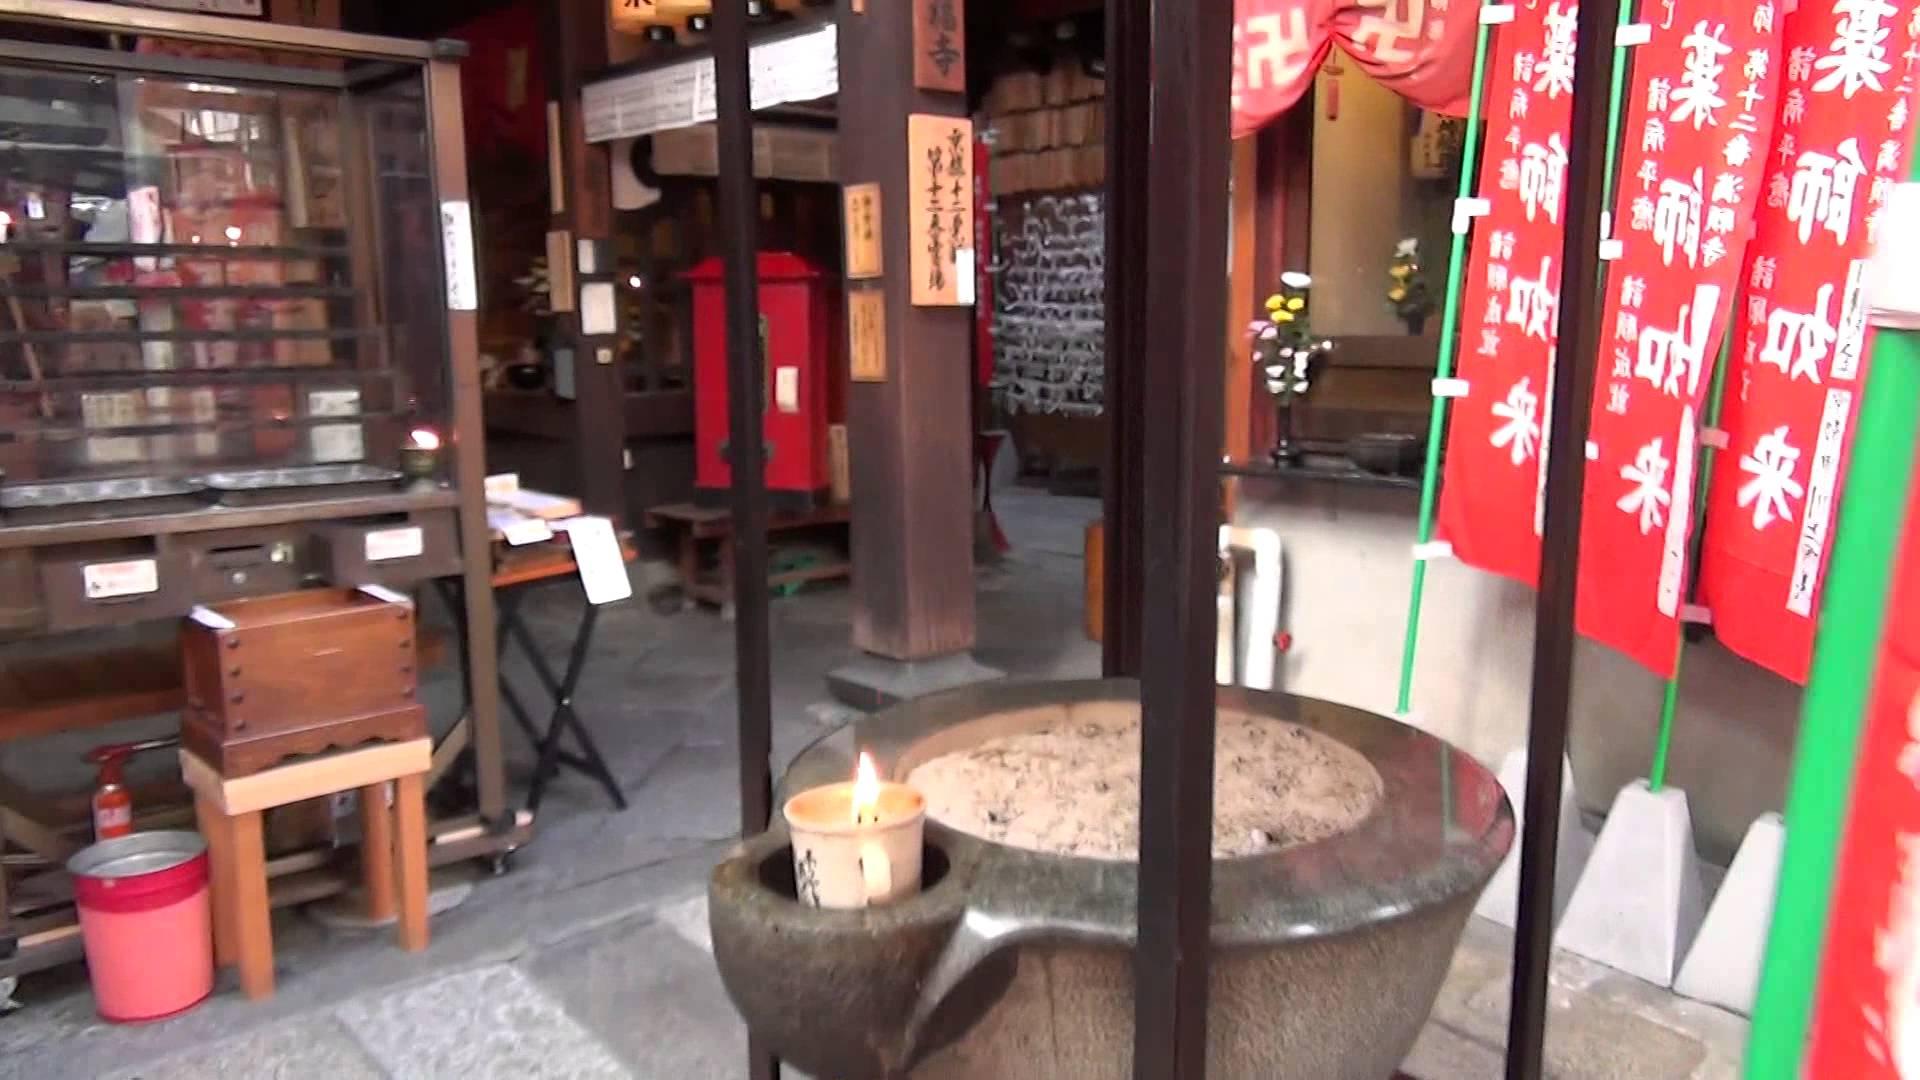 新京極商店街の神社仏閣を全部まわろう編04 かわゆいたこさんが癒してくれる蛸薬師堂永福寺